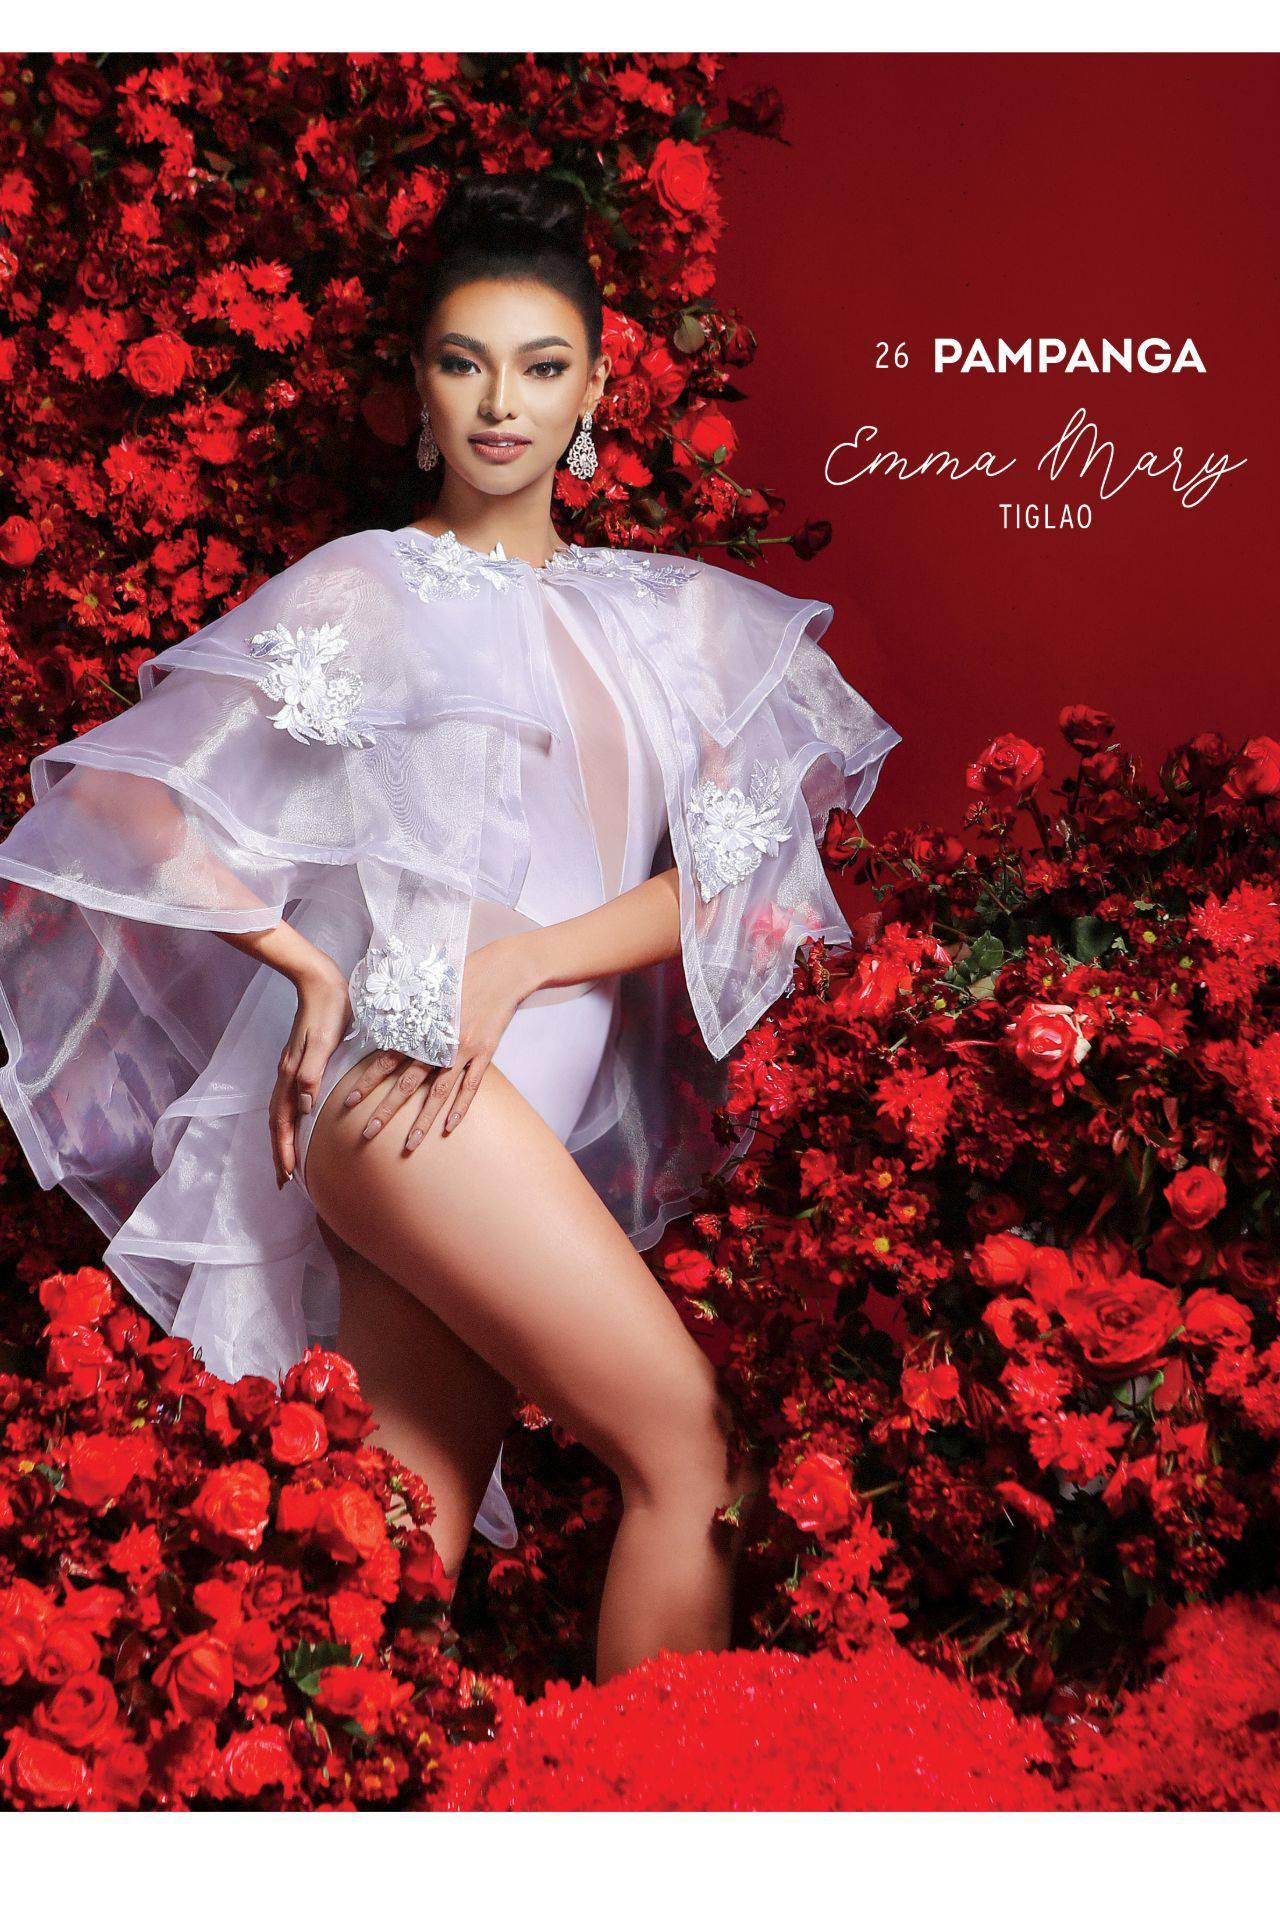 Emma Mary Tiglao